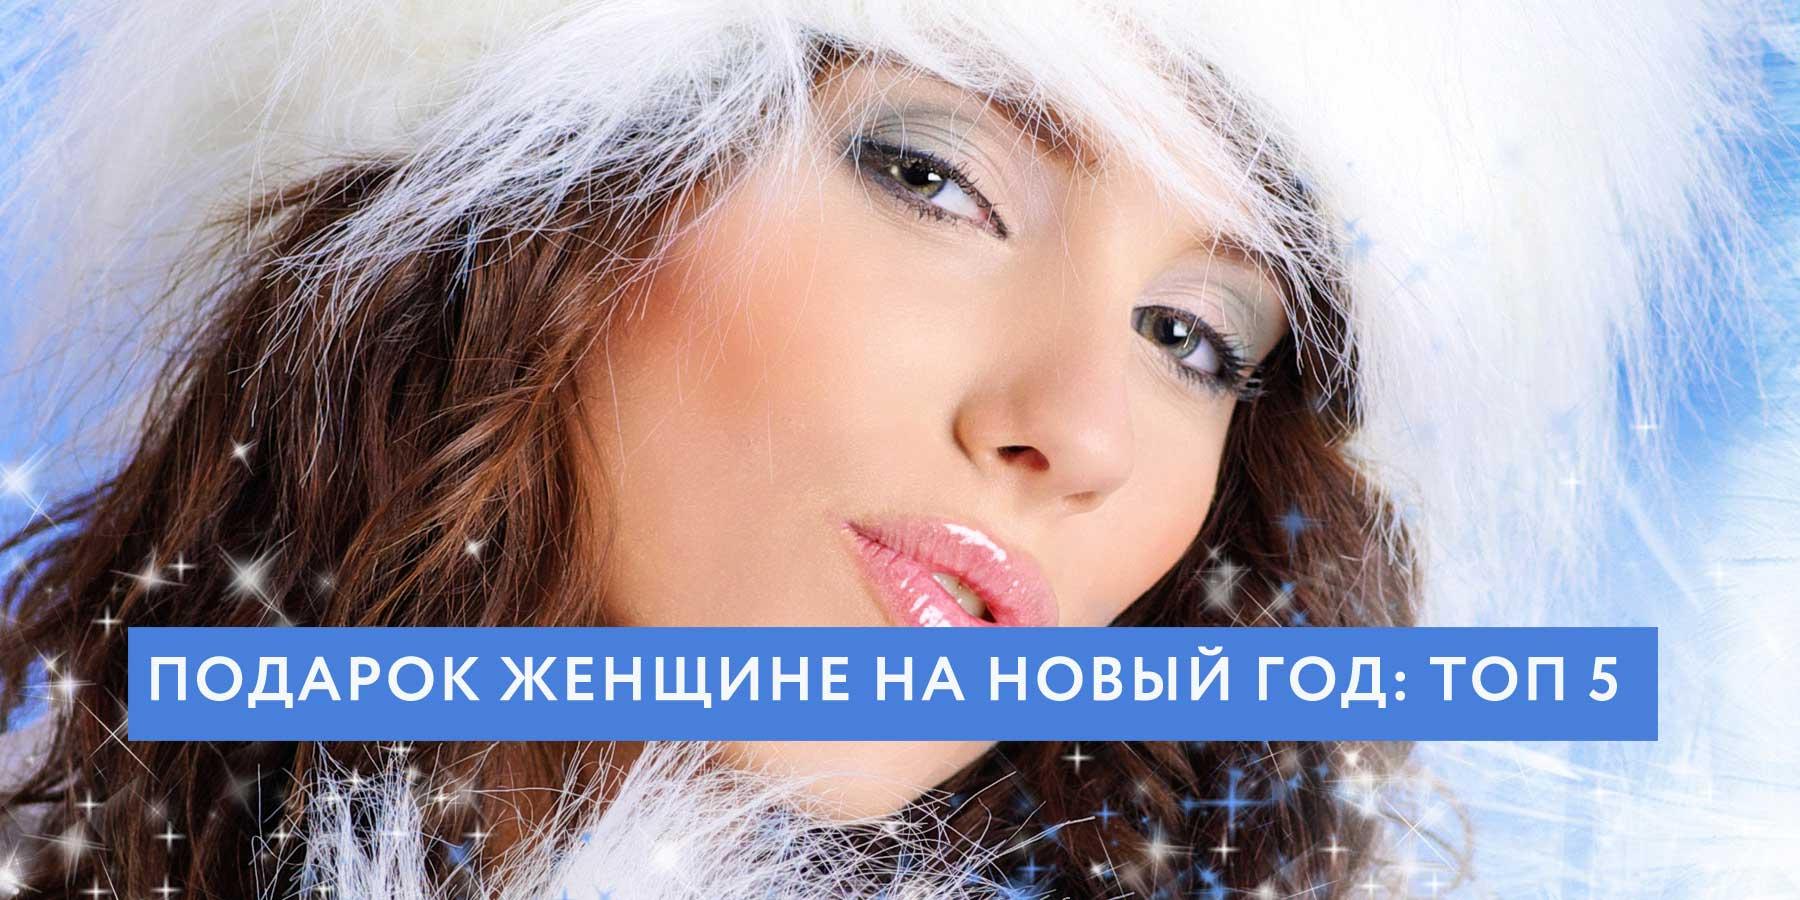 Подарок женщине на новый год: ТОП-5 актуальных вариантов